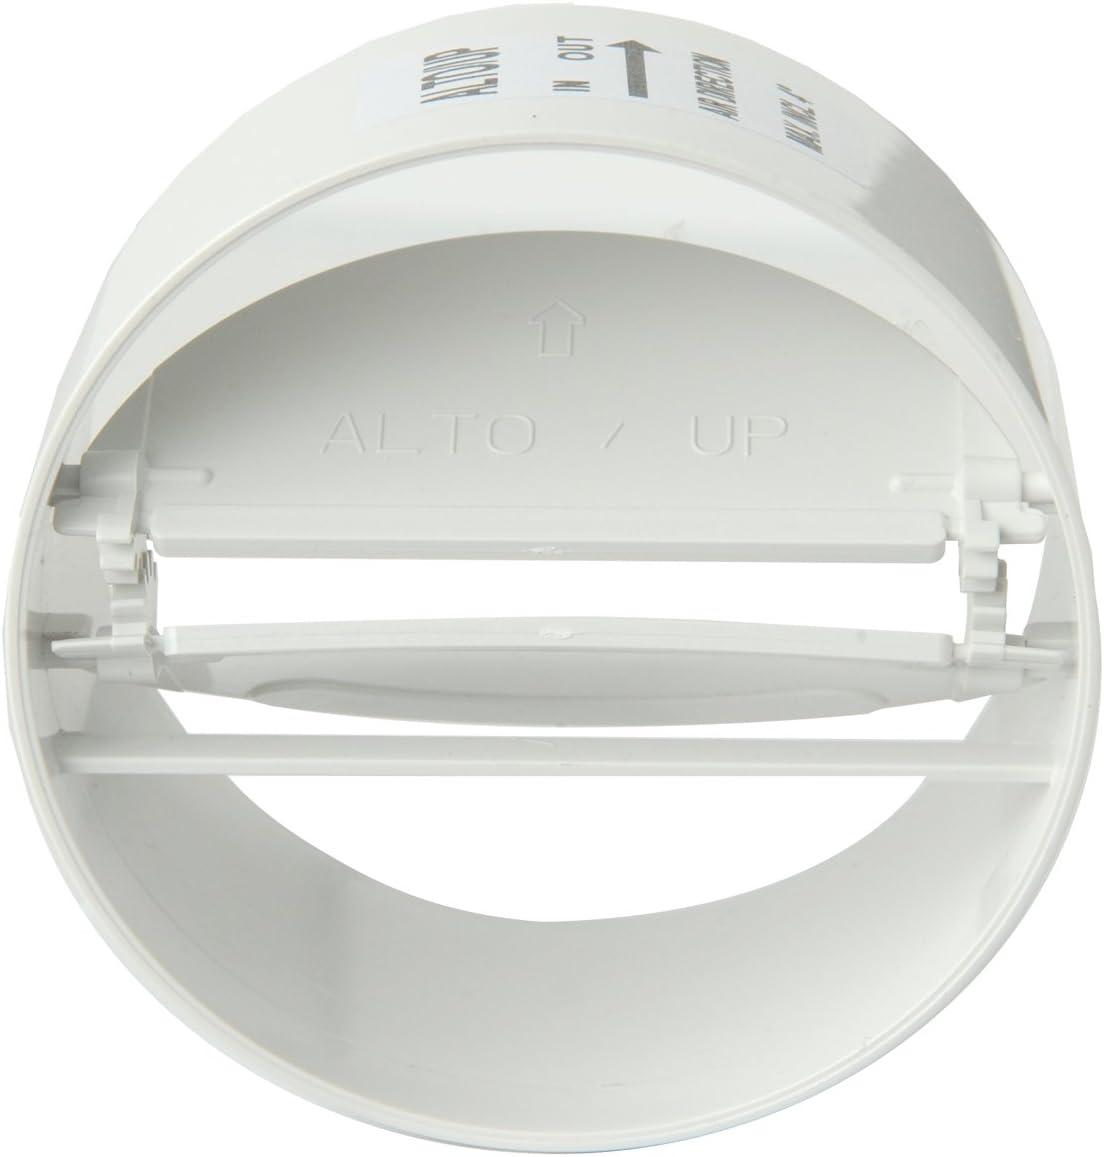 La ventilaci/ón CCV229B curva vertical 220 x 90 mm en ABS con embudos F//F para tubos rectangulares Color blanco.